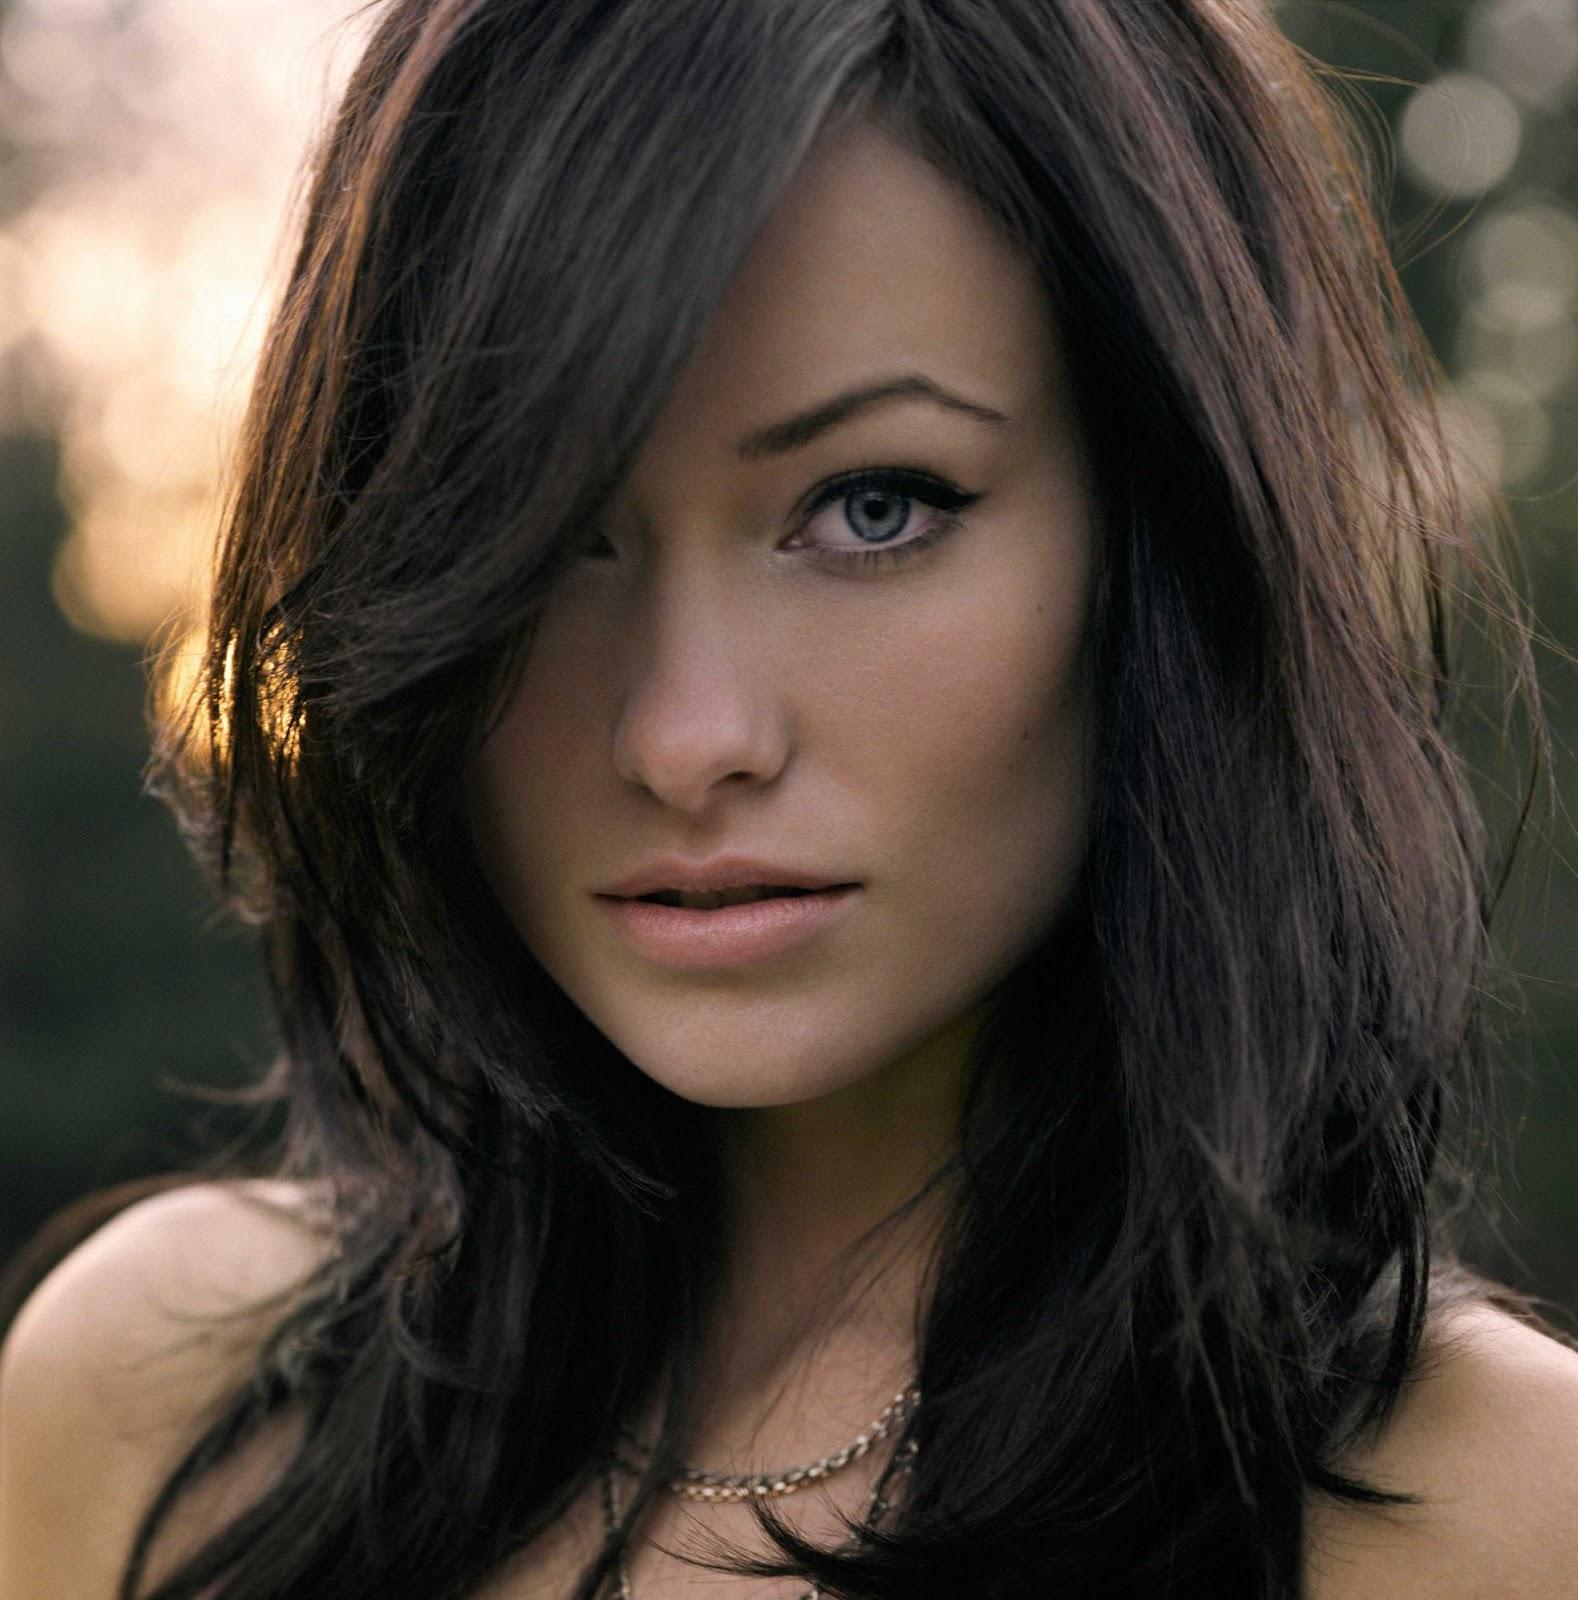 http://4.bp.blogspot.com/-O-RInkdVW1s/UHVqy8omeCI/AAAAAAAAA9A/CgT3mVkGa_o/s1600/Olivia-Wilde.jpg